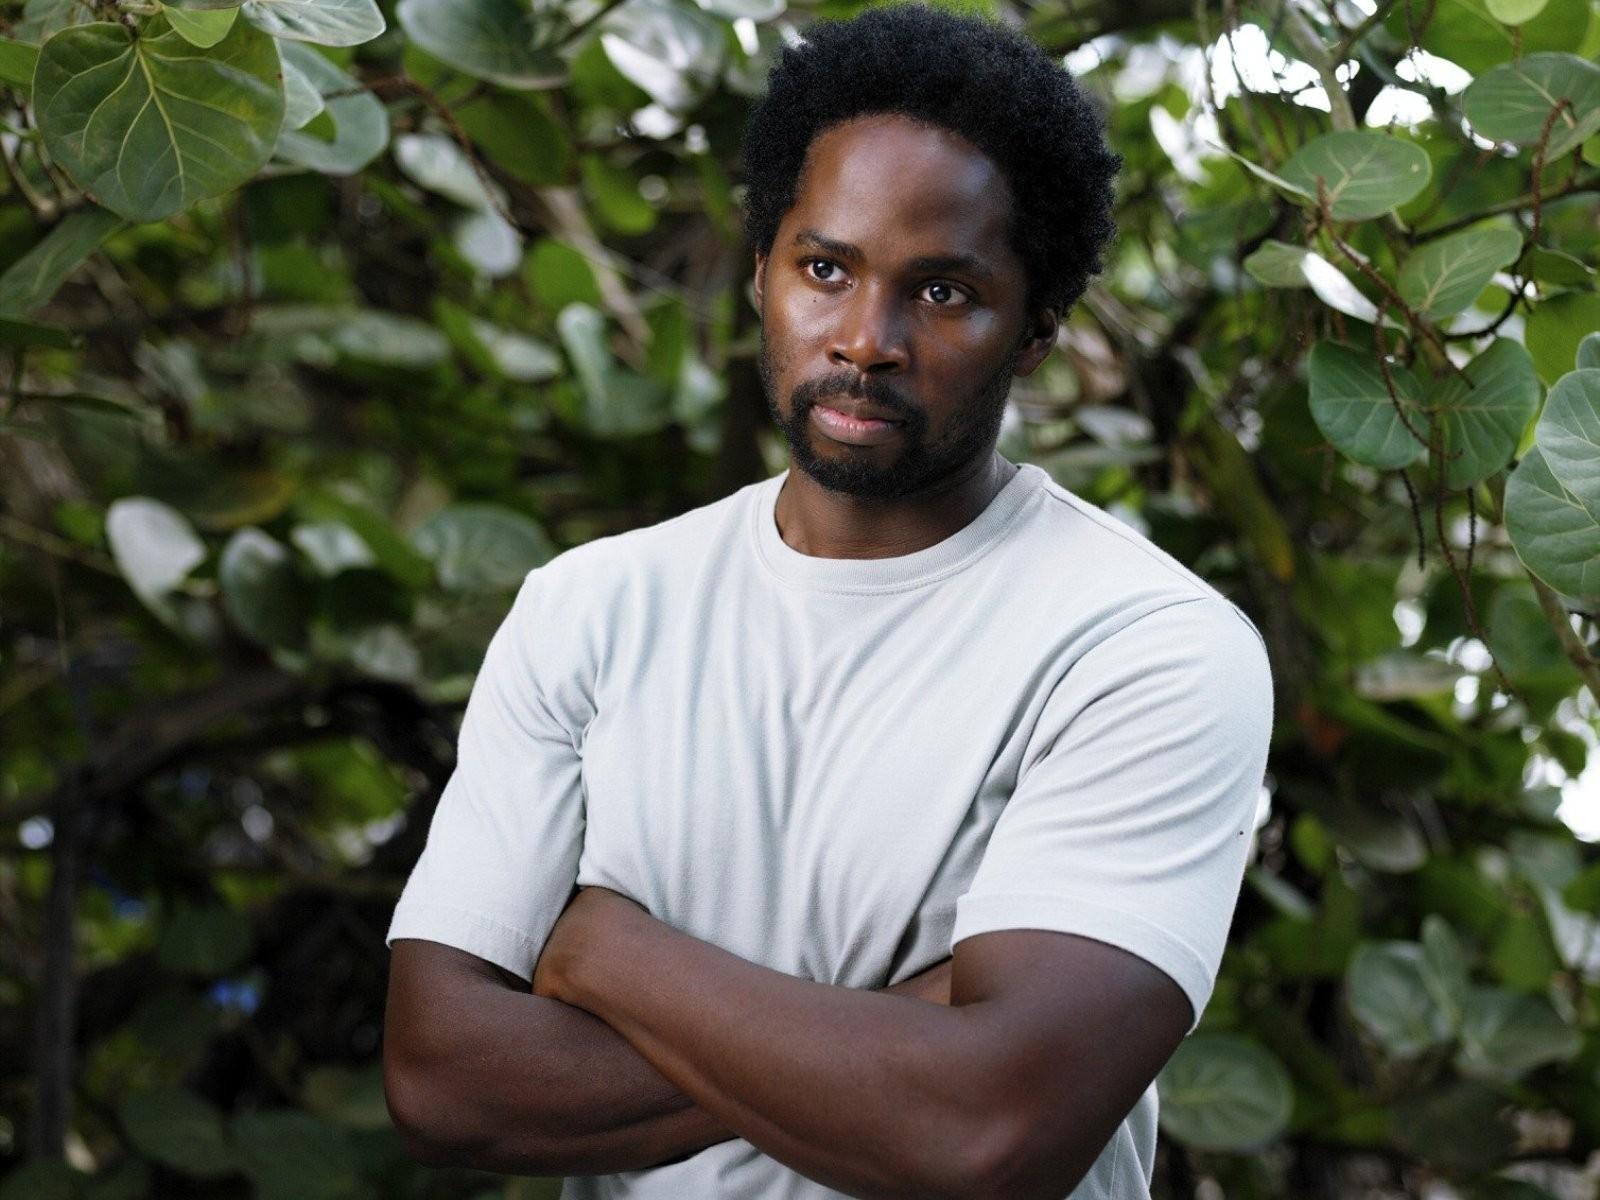 Фото негра у парня, Большие черные члены негровфото 3 фотография